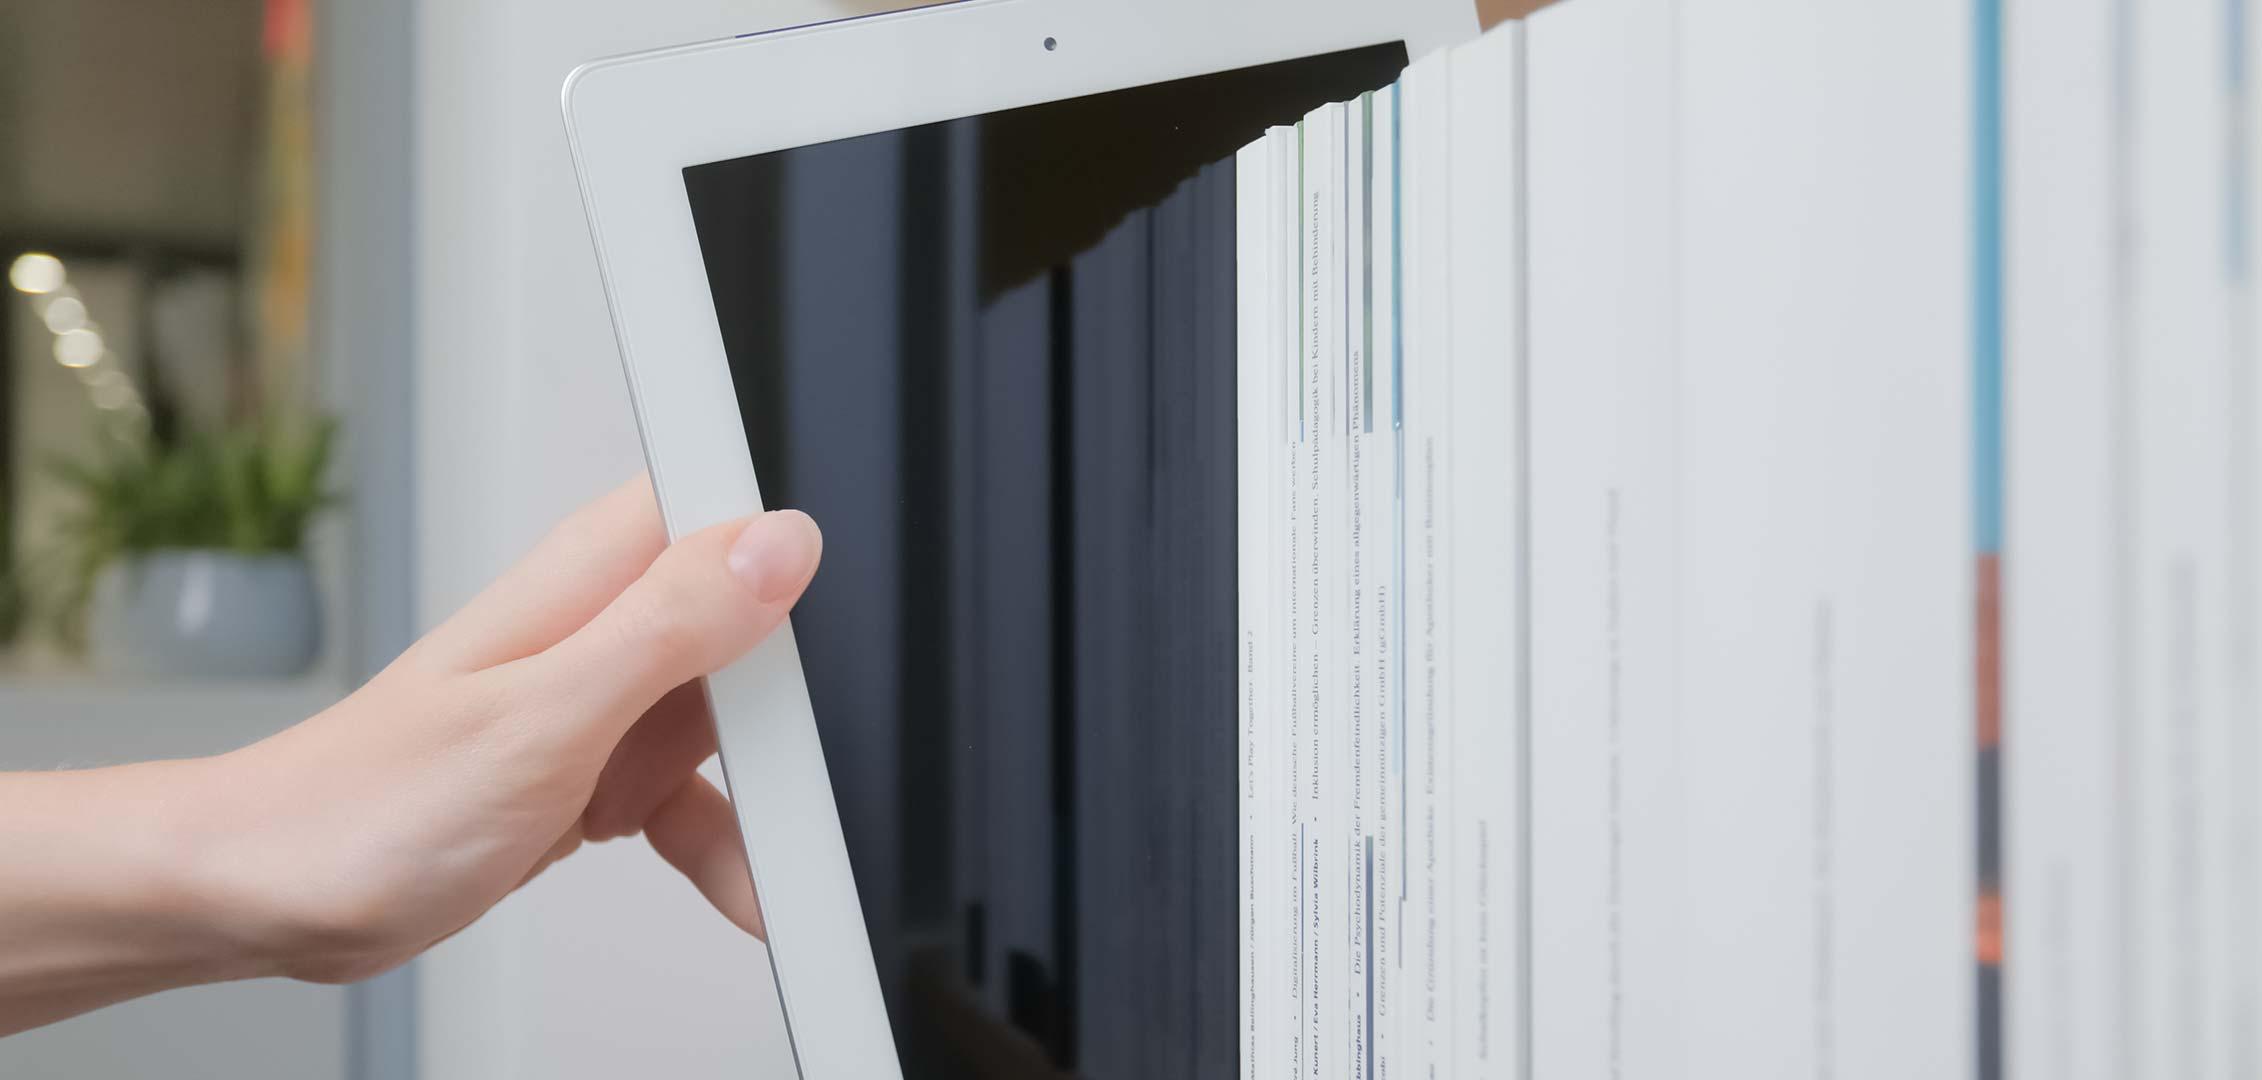 Vorschaubild: Tablet in einem Regal mit Büchern